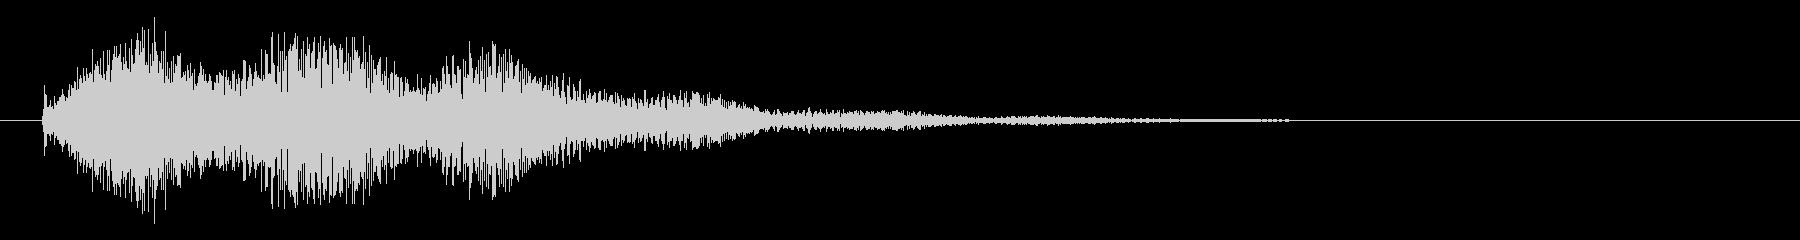 長い尾を持つ電気火花クラックル衝撃の未再生の波形